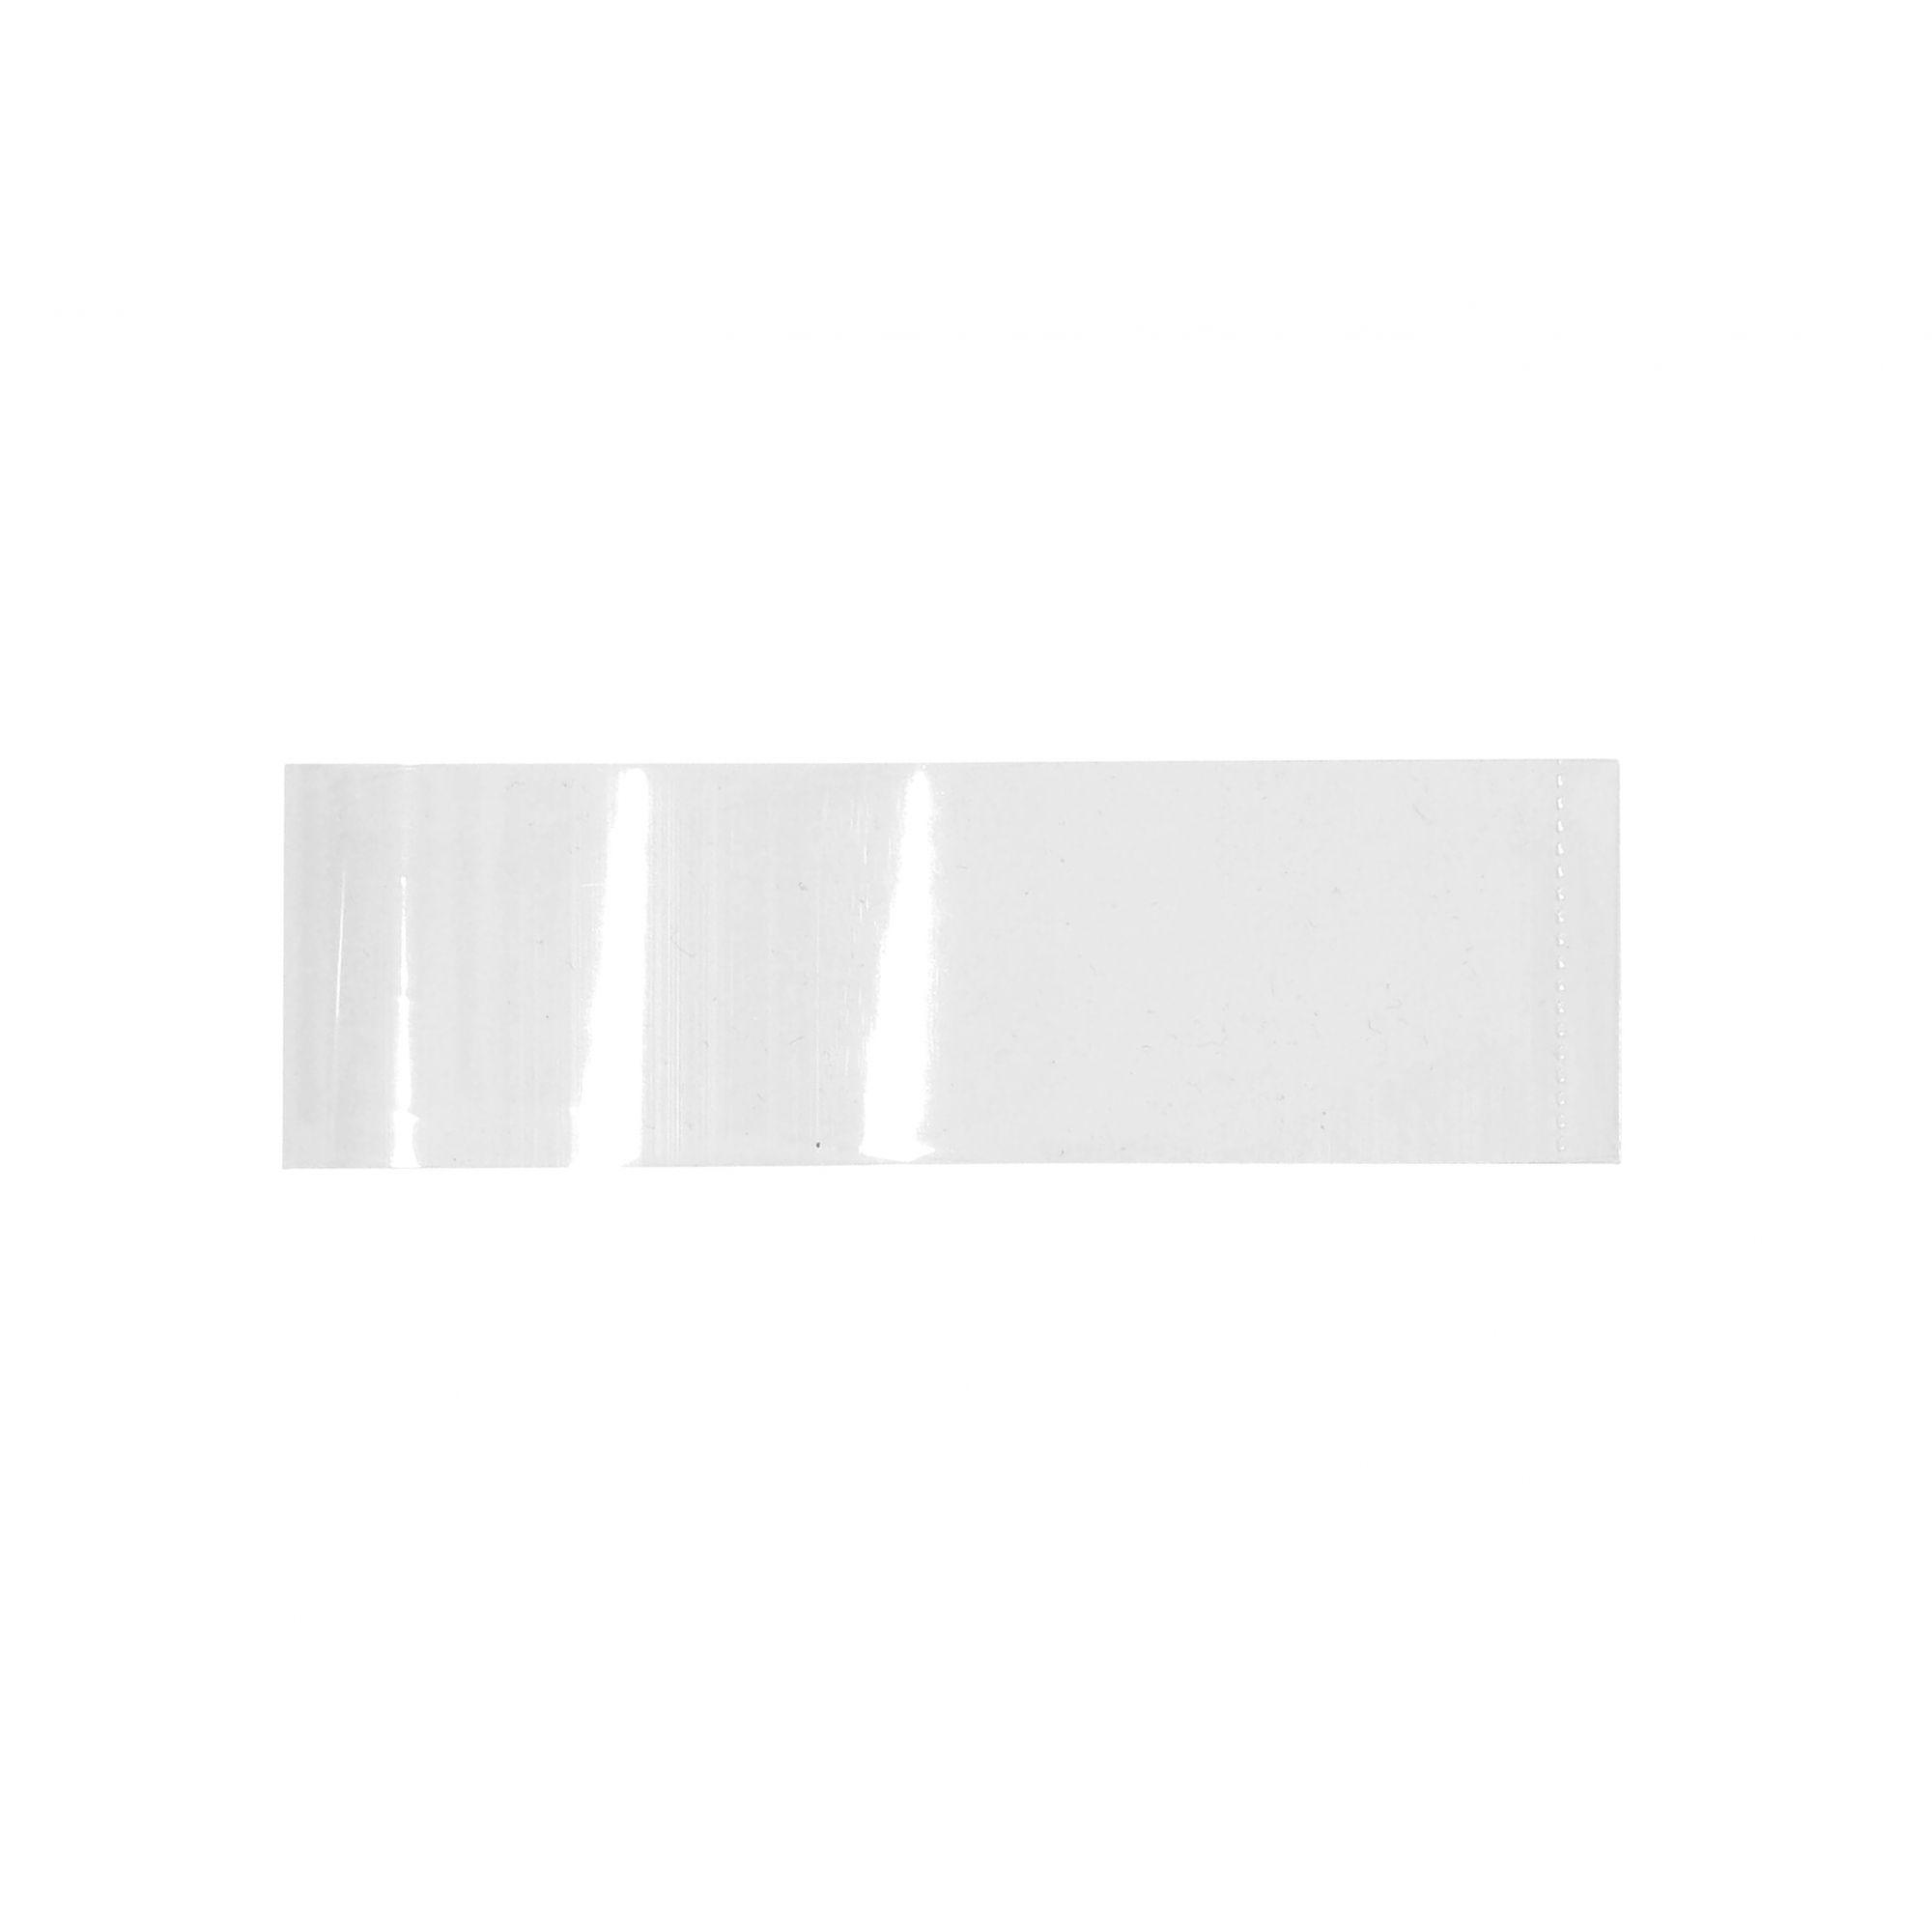 Lacre Termoencolhível 85mm - Kit Com 100